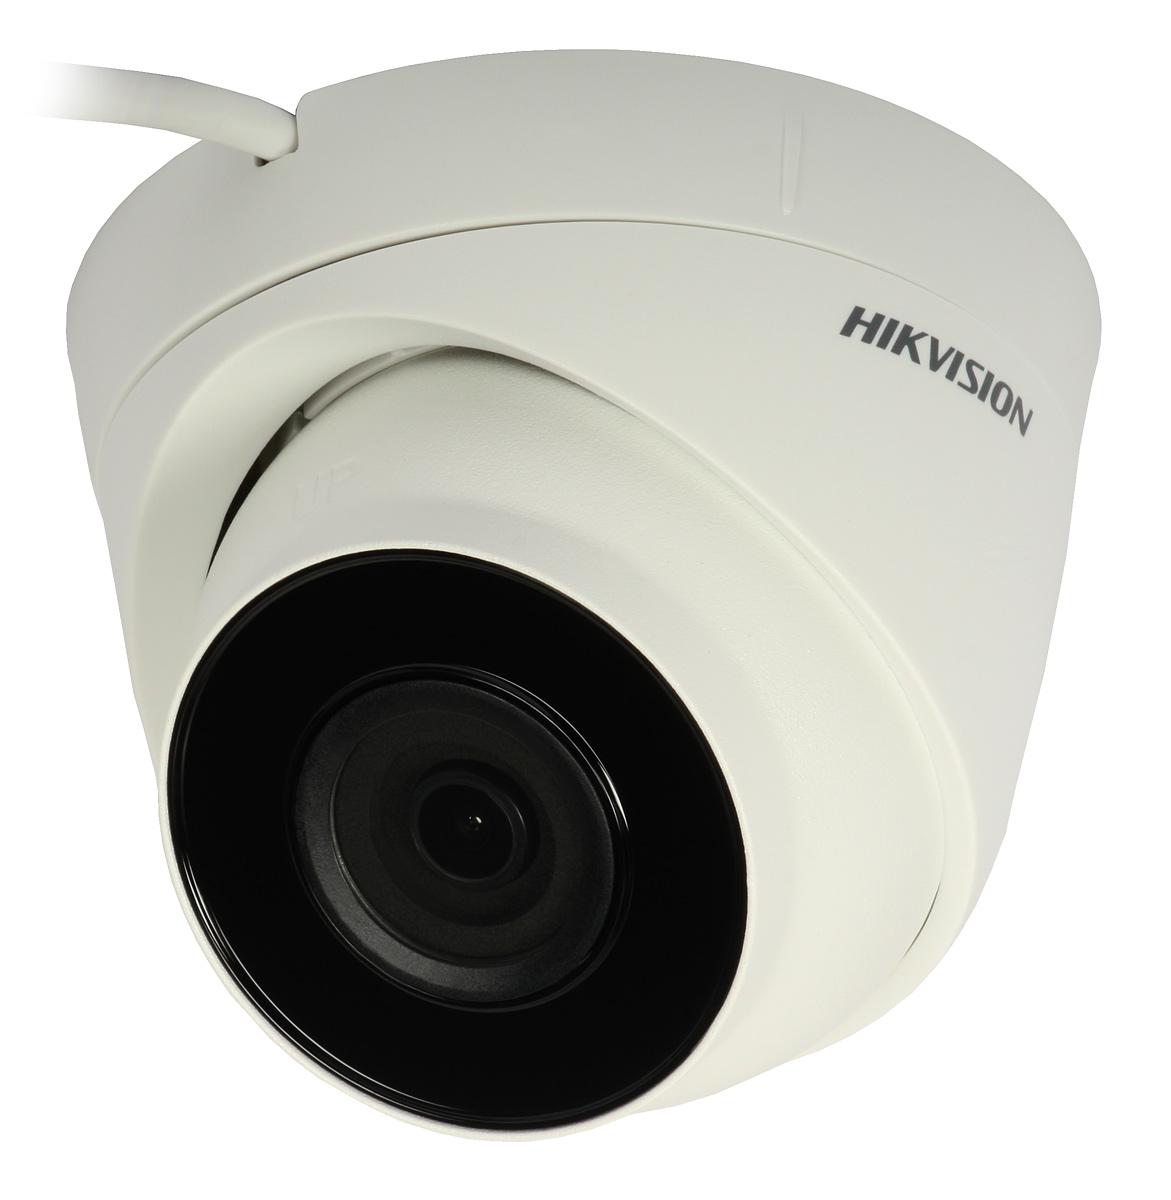 Kamera IP sufitowa Hikvision DS-2CD1323G0E-I (2 Mpix, 2.8